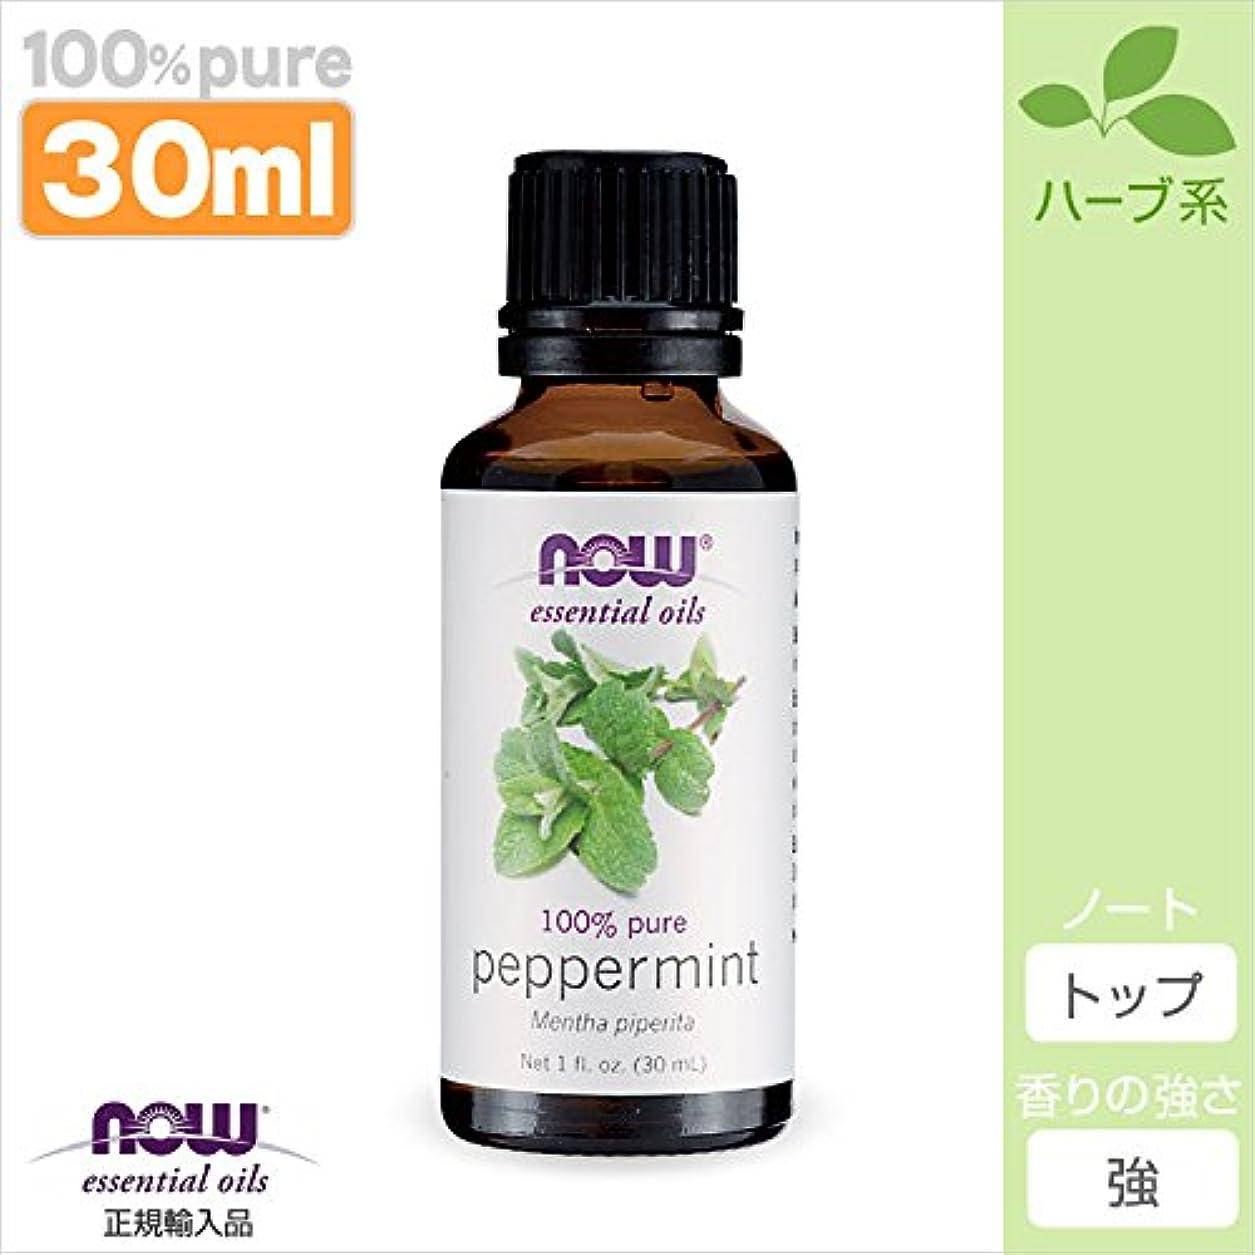 やろう国金銭的ペパーミント精油[30ml] 【正規輸入品】 NOWエッセンシャルオイル(アロマオイル)